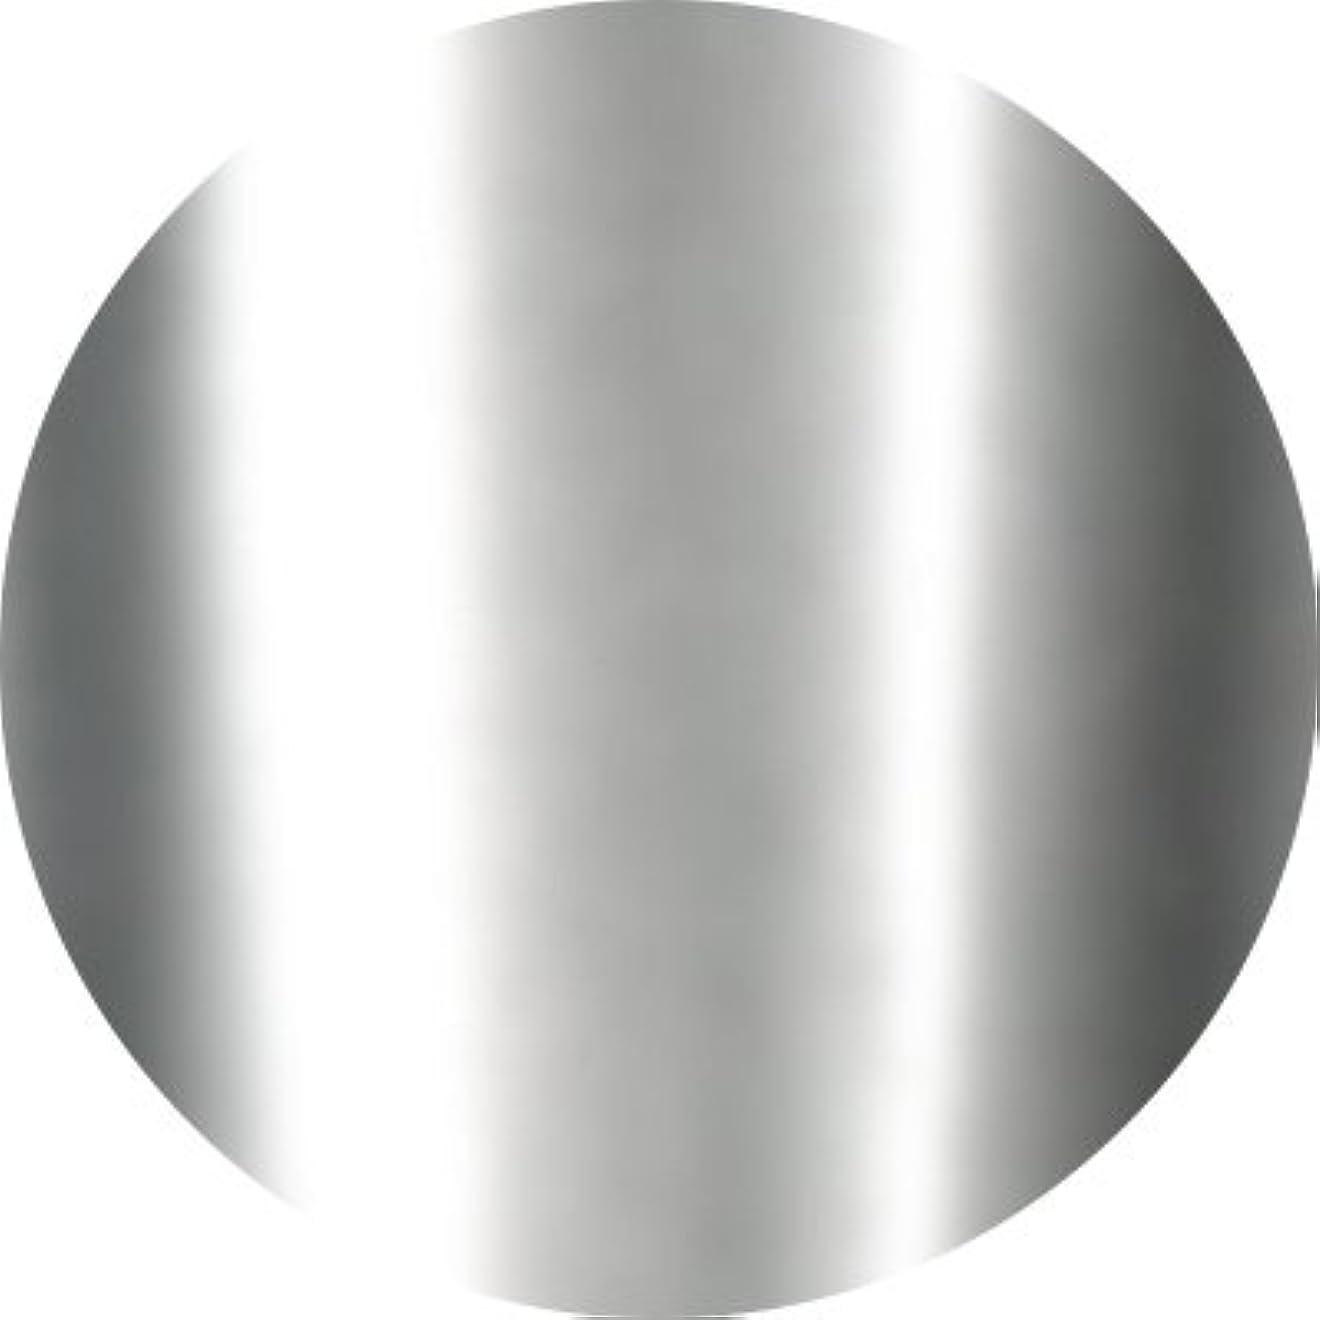 裏切り者セットする不屈Jewelry jel(ジュエリージェル) カラージェル 5ml<BR>ピッカピカメタリック MKシルバー